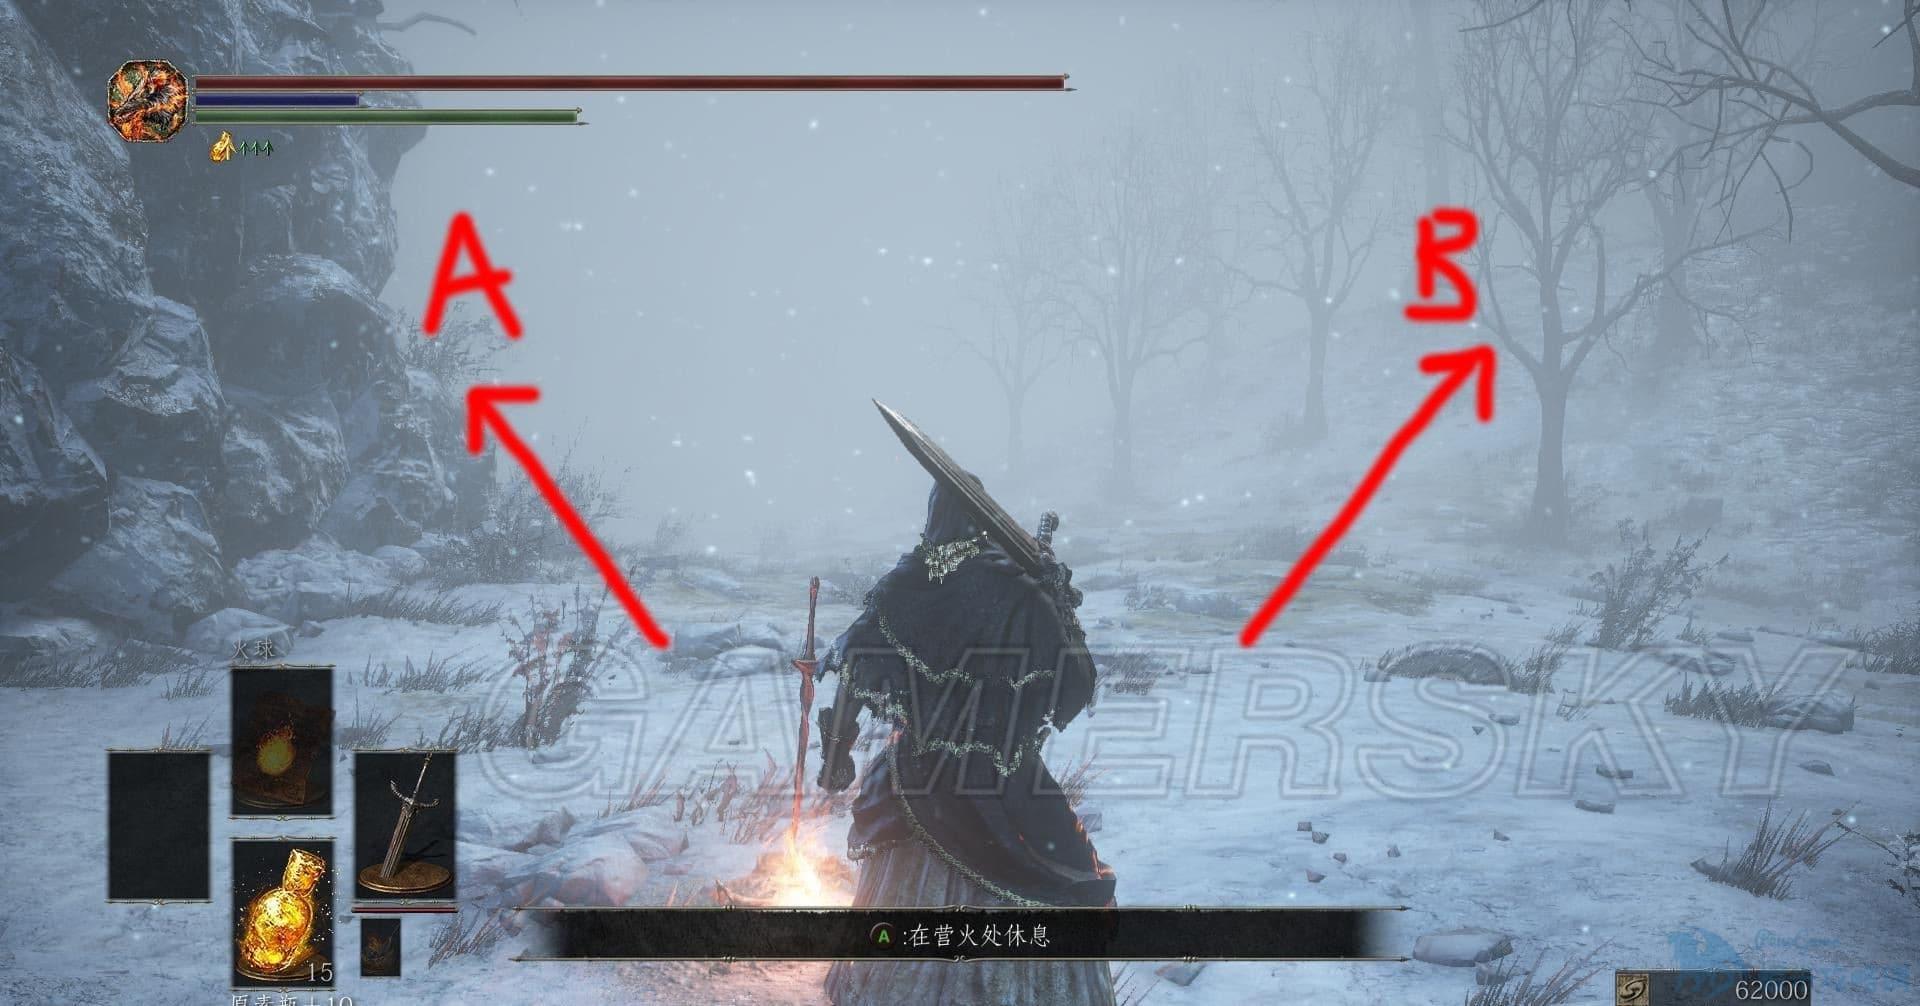 黑暗靈魂3 DLC圖文攻略 DLC全收集流程圖文攻略